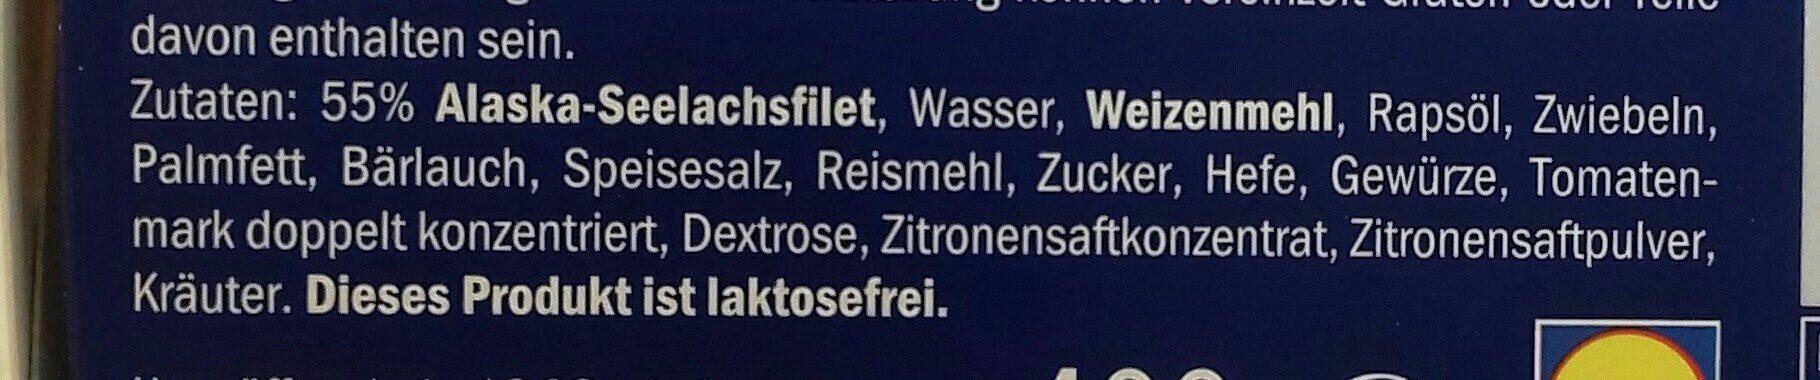 Schlemmerfilet knusprig kross - Ingrediënten - de